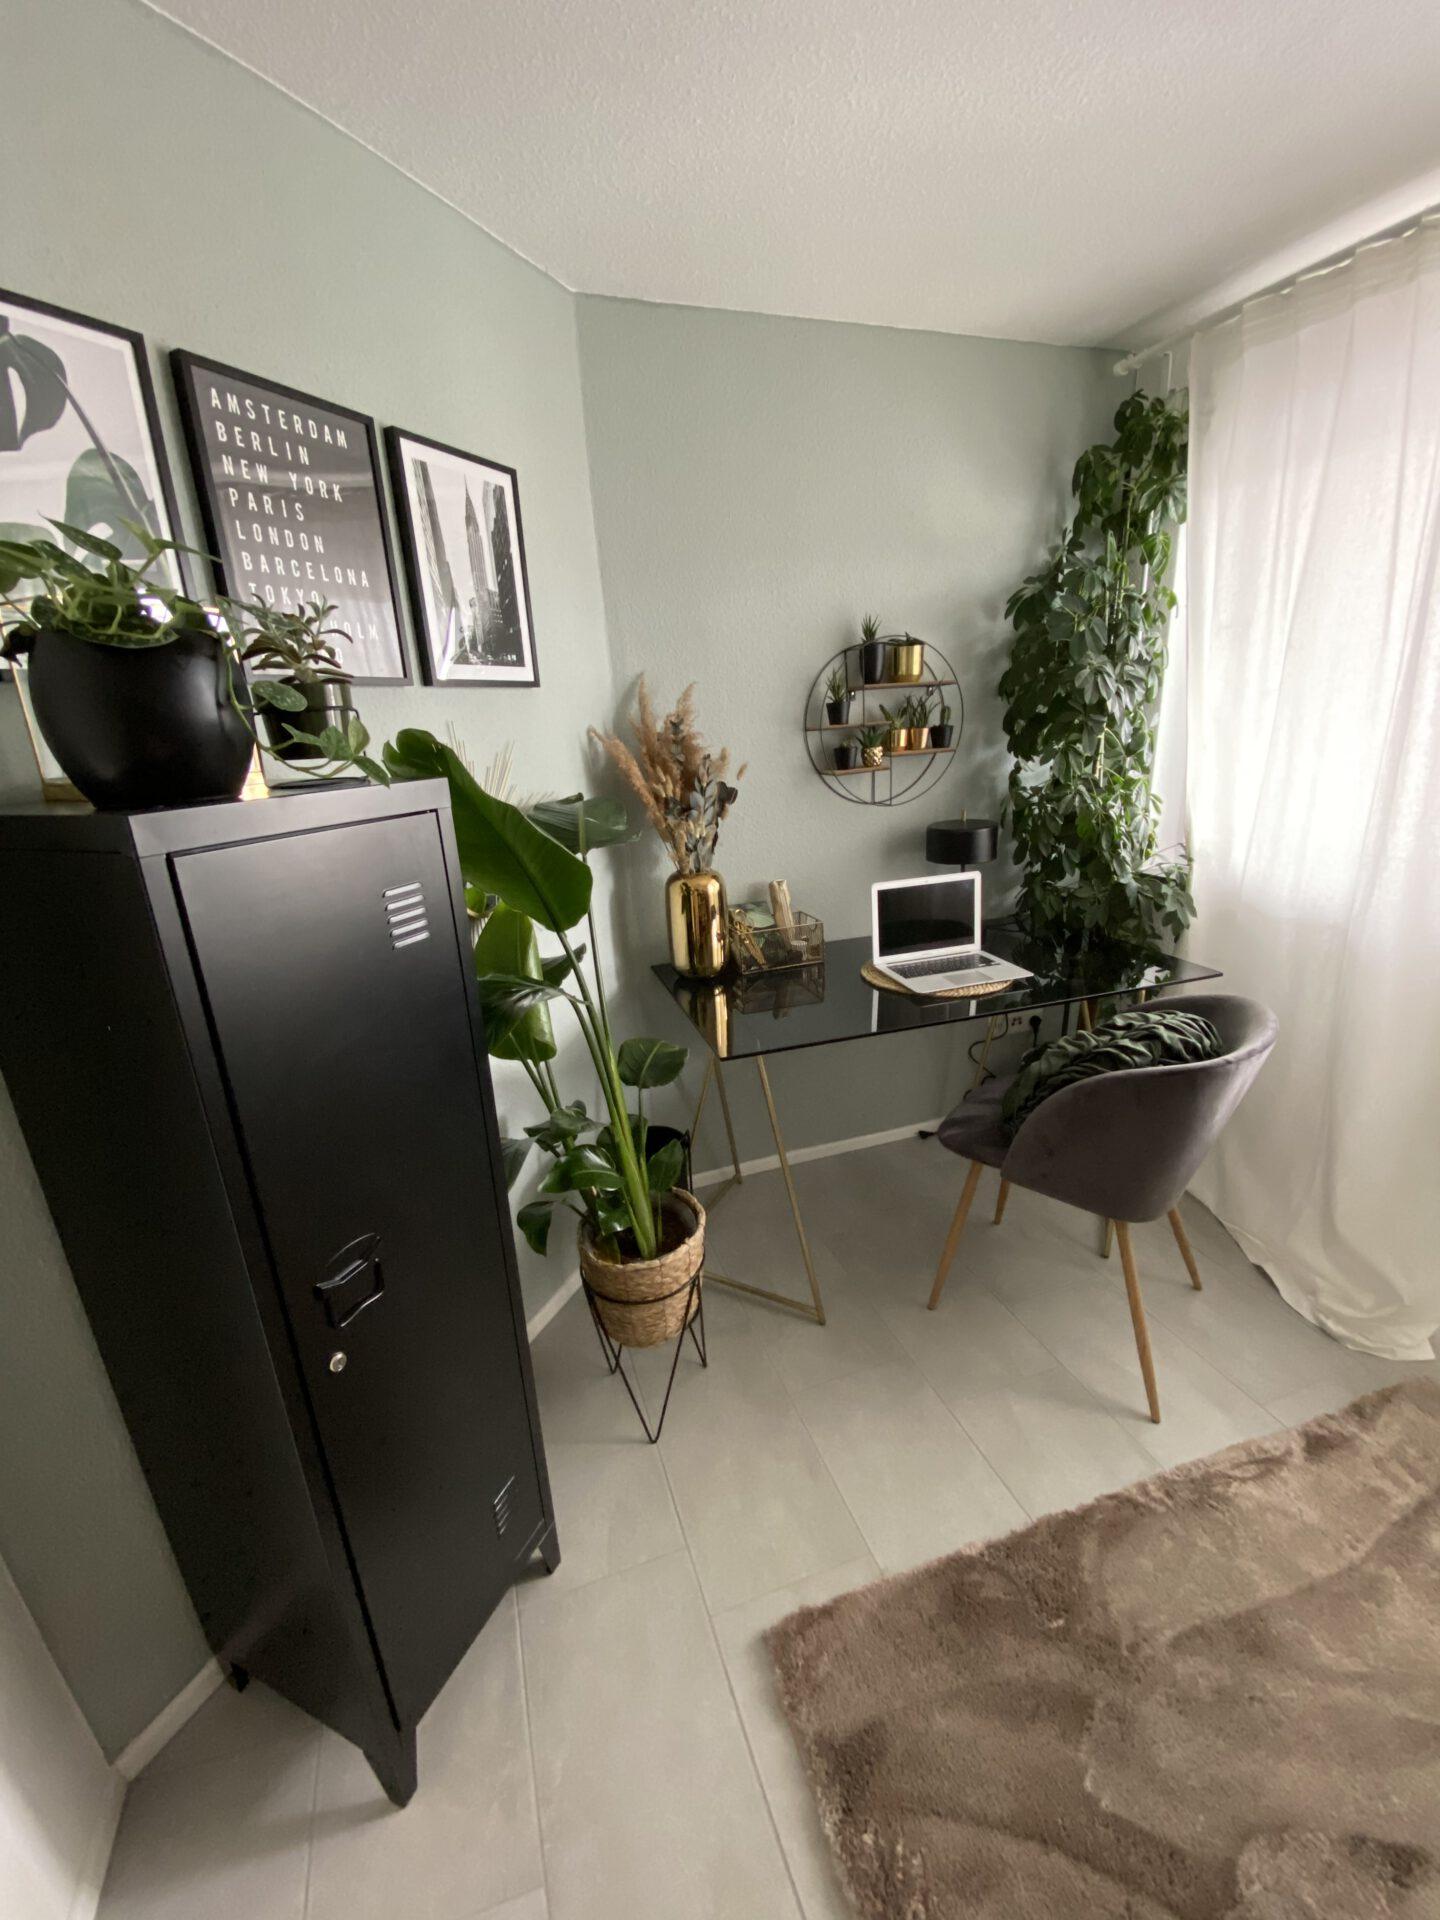 umzug-alpina-feine-farben-sanfter-morgentau-streichen-erfahrung-home-office-zuhause-arbeiten-buero-einrichten-shoppinator-diy-4